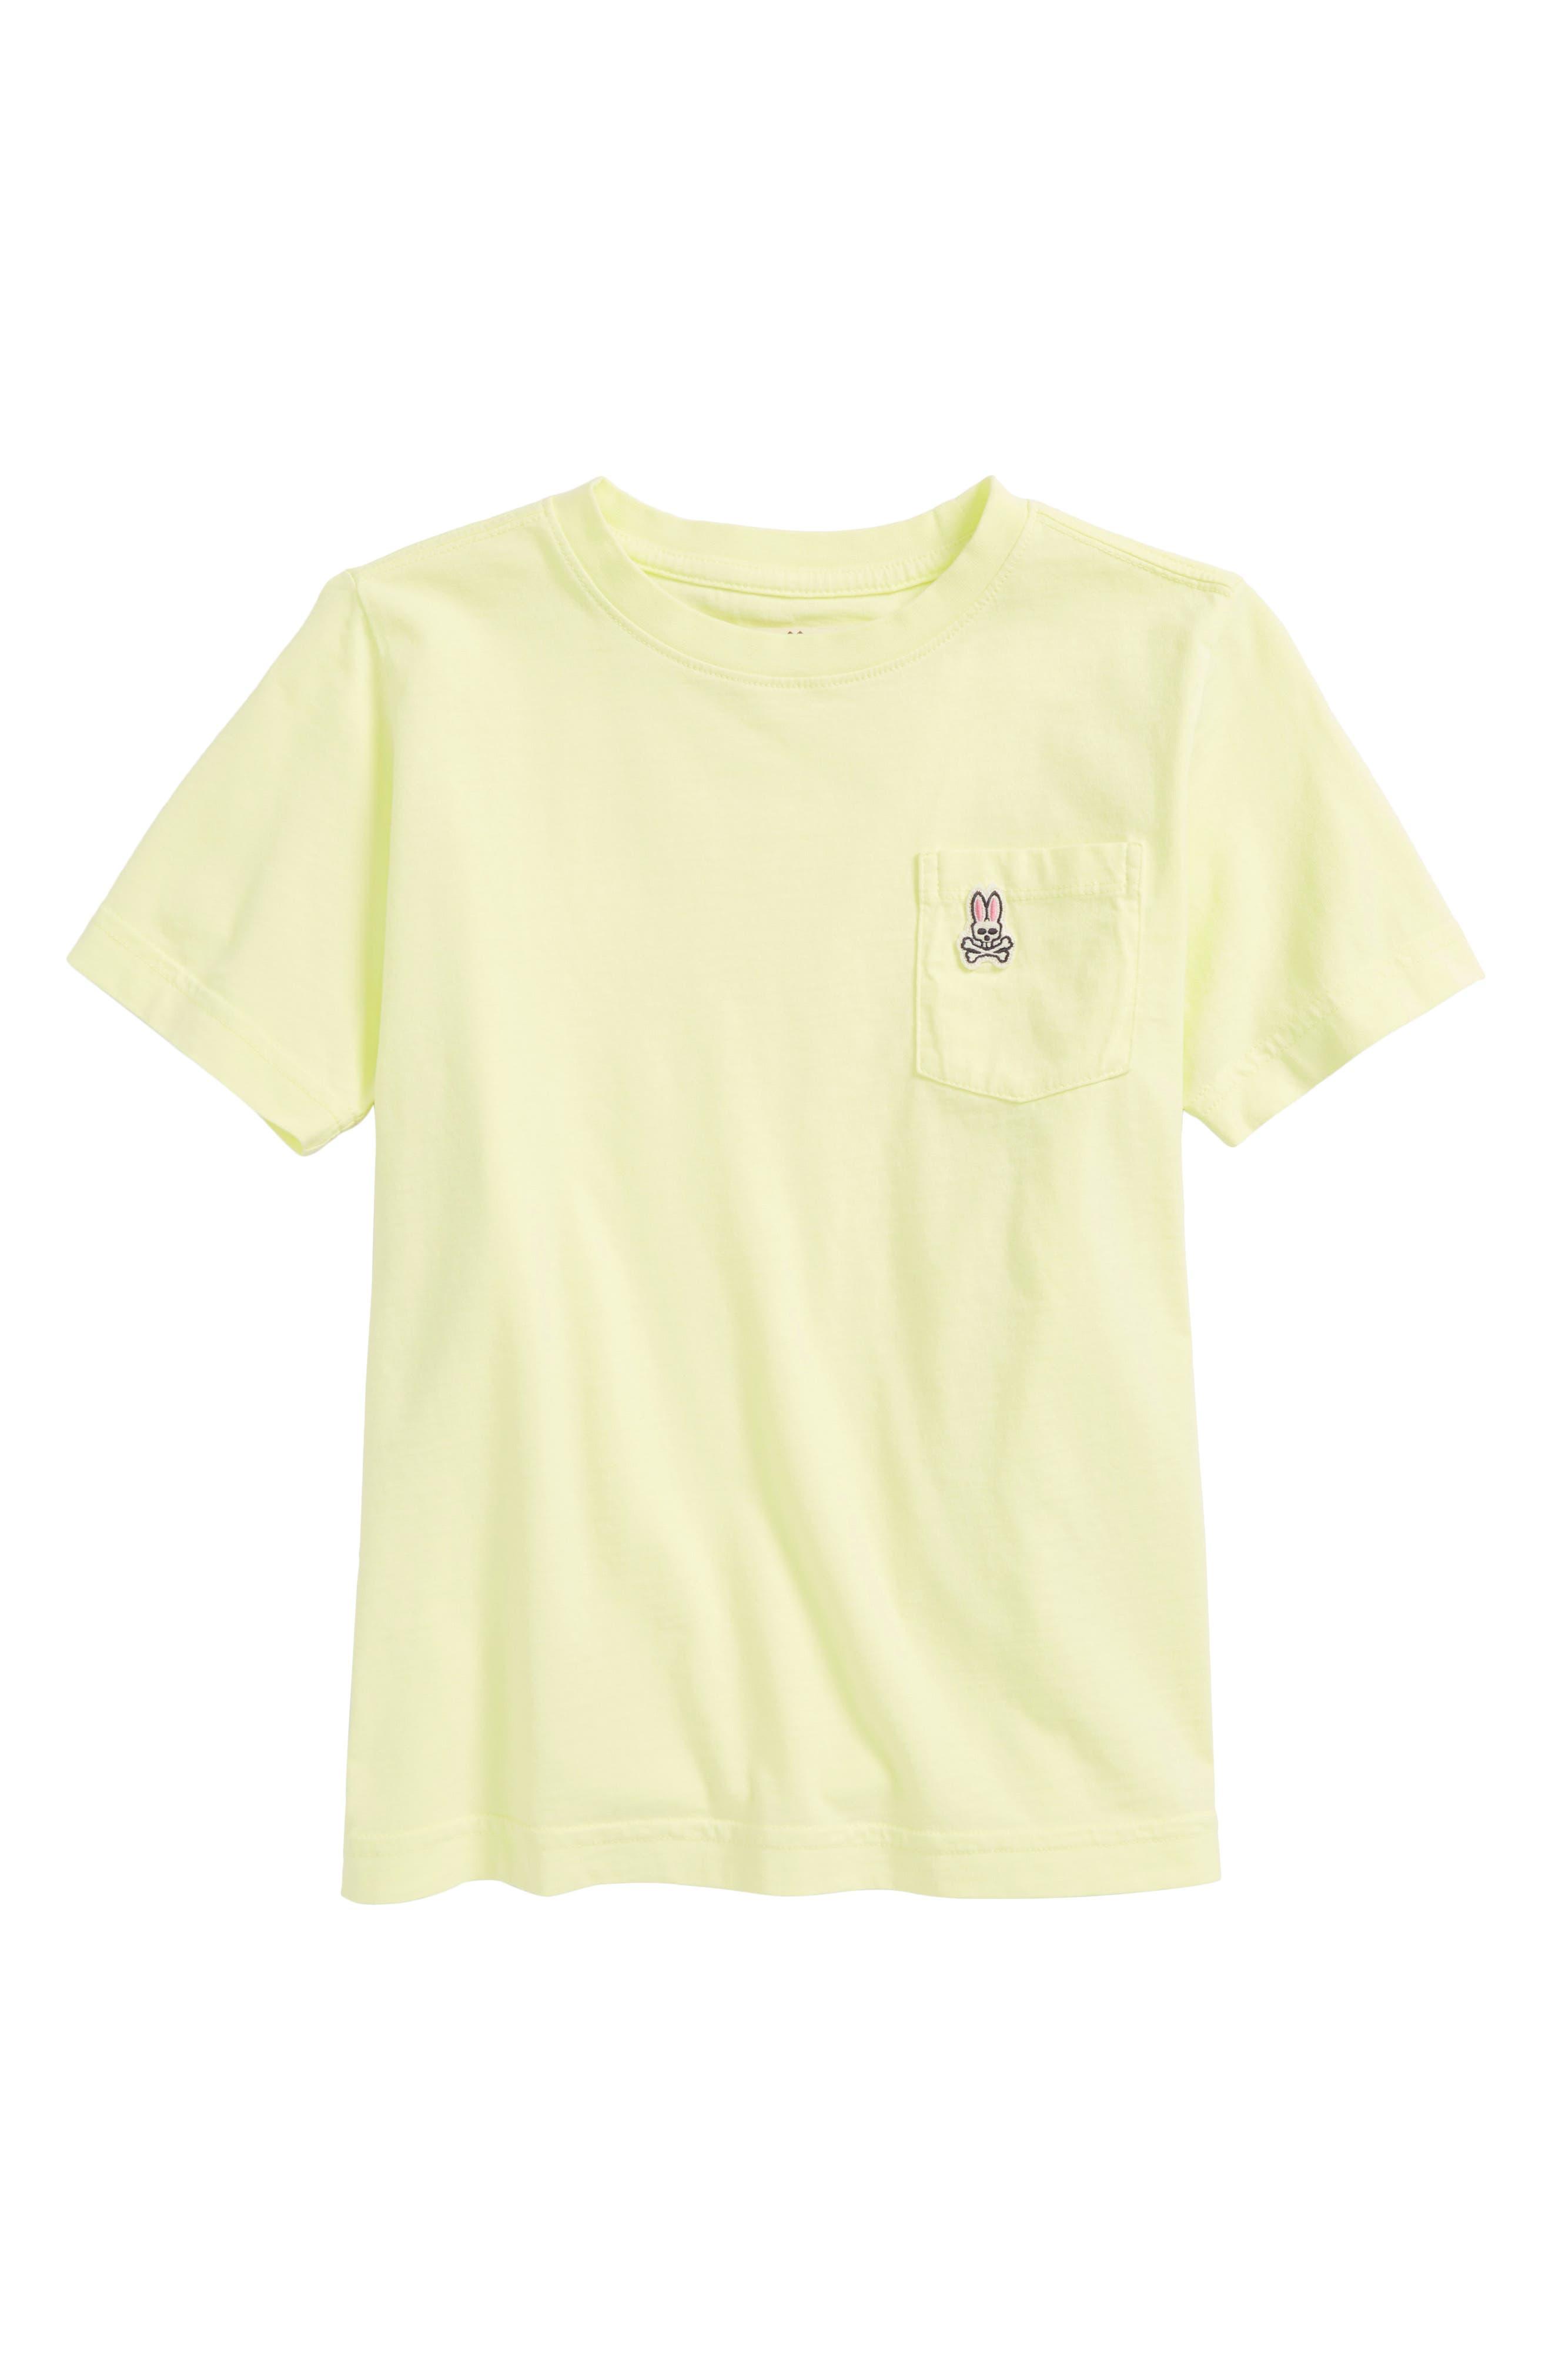 PSYCHO BUNNY Langford Pocket T-Shirt, Main, color, 320